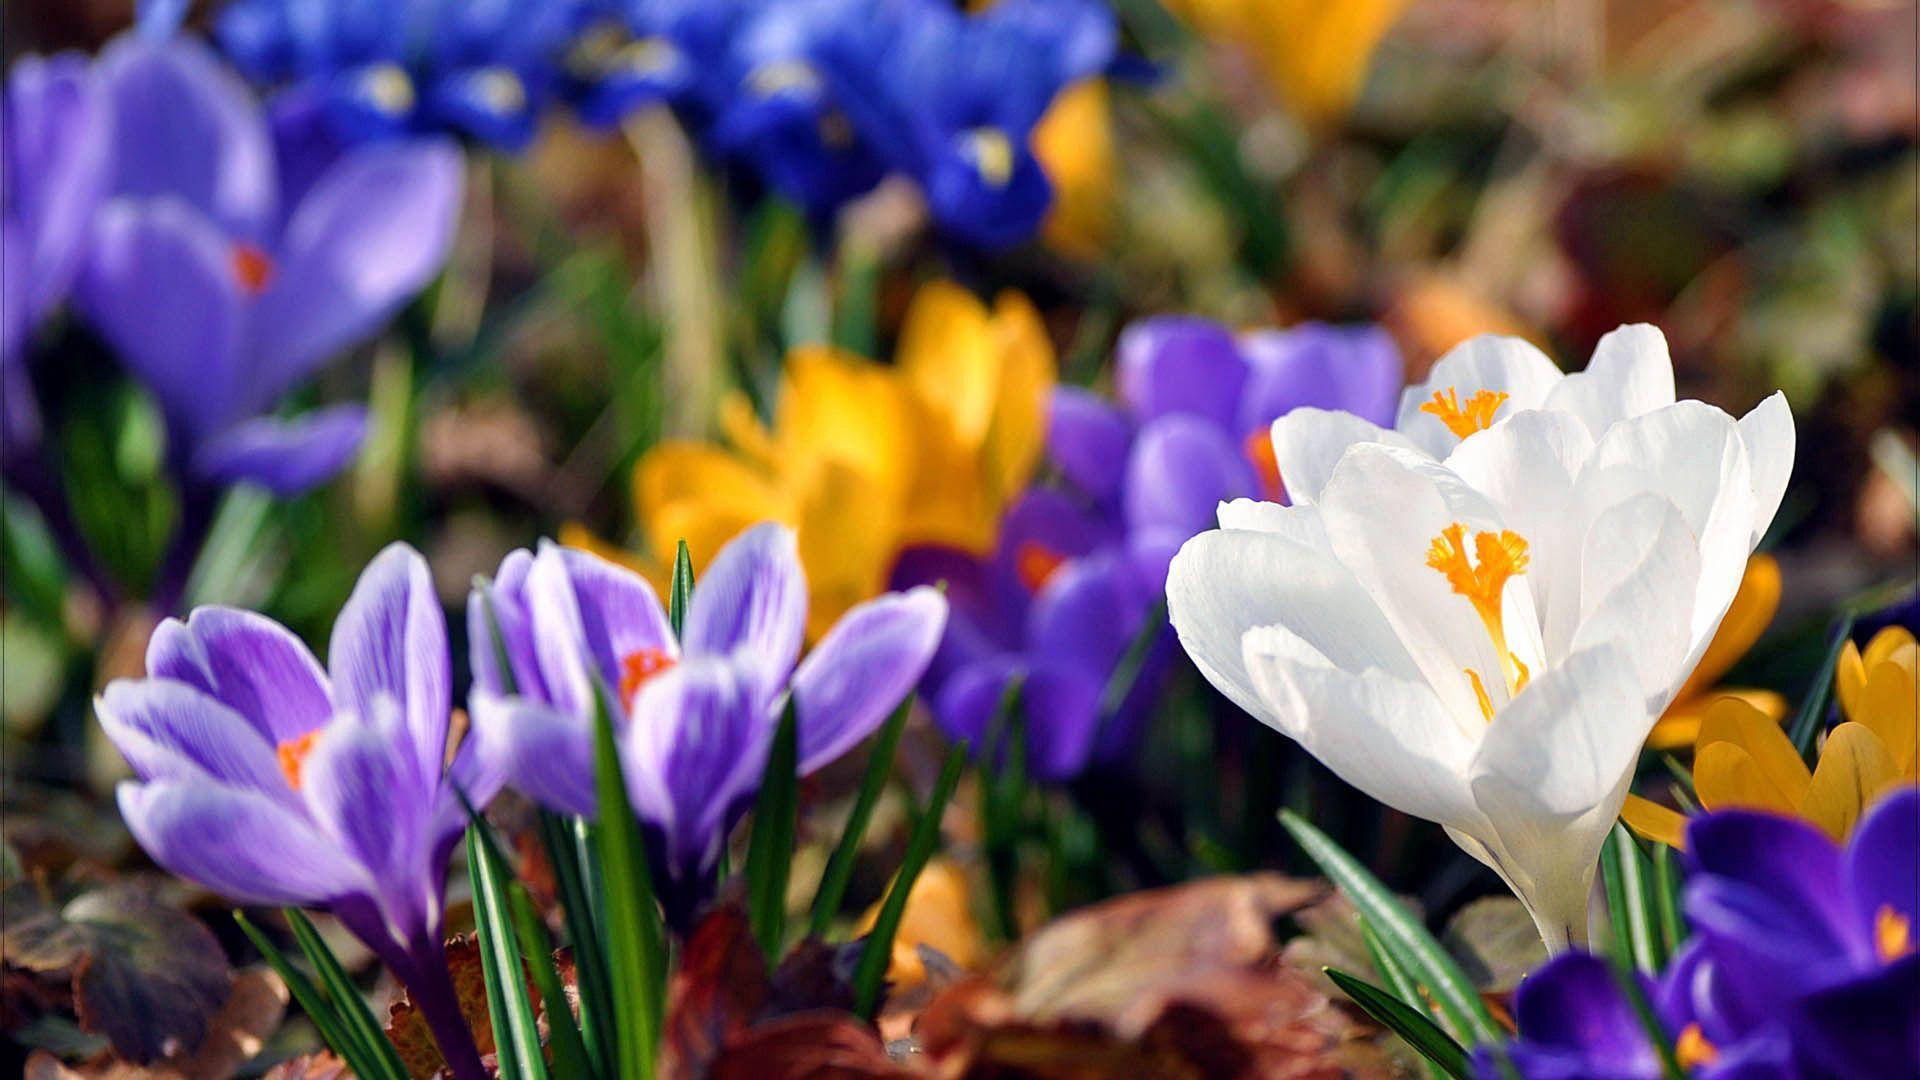 85313 Заставки и Обои Подснежники на телефон. Скачать Цветы, Подснежники, Растение, Цветение картинки бесплатно